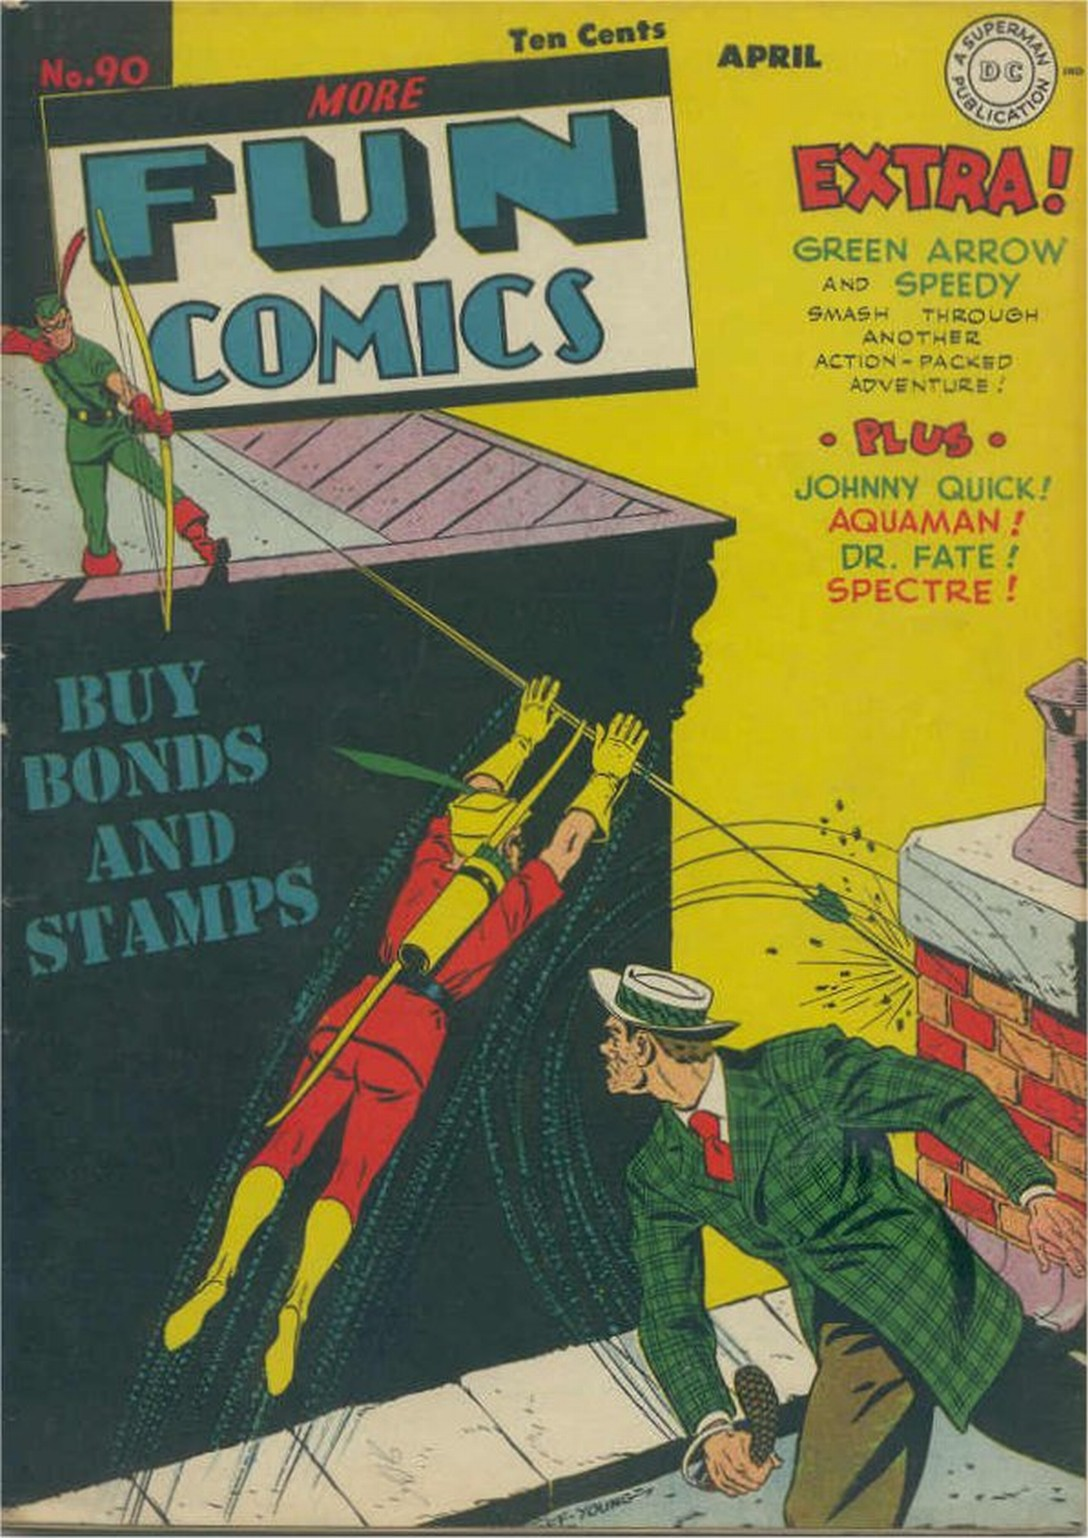 More Fun Comics 90 Page 1